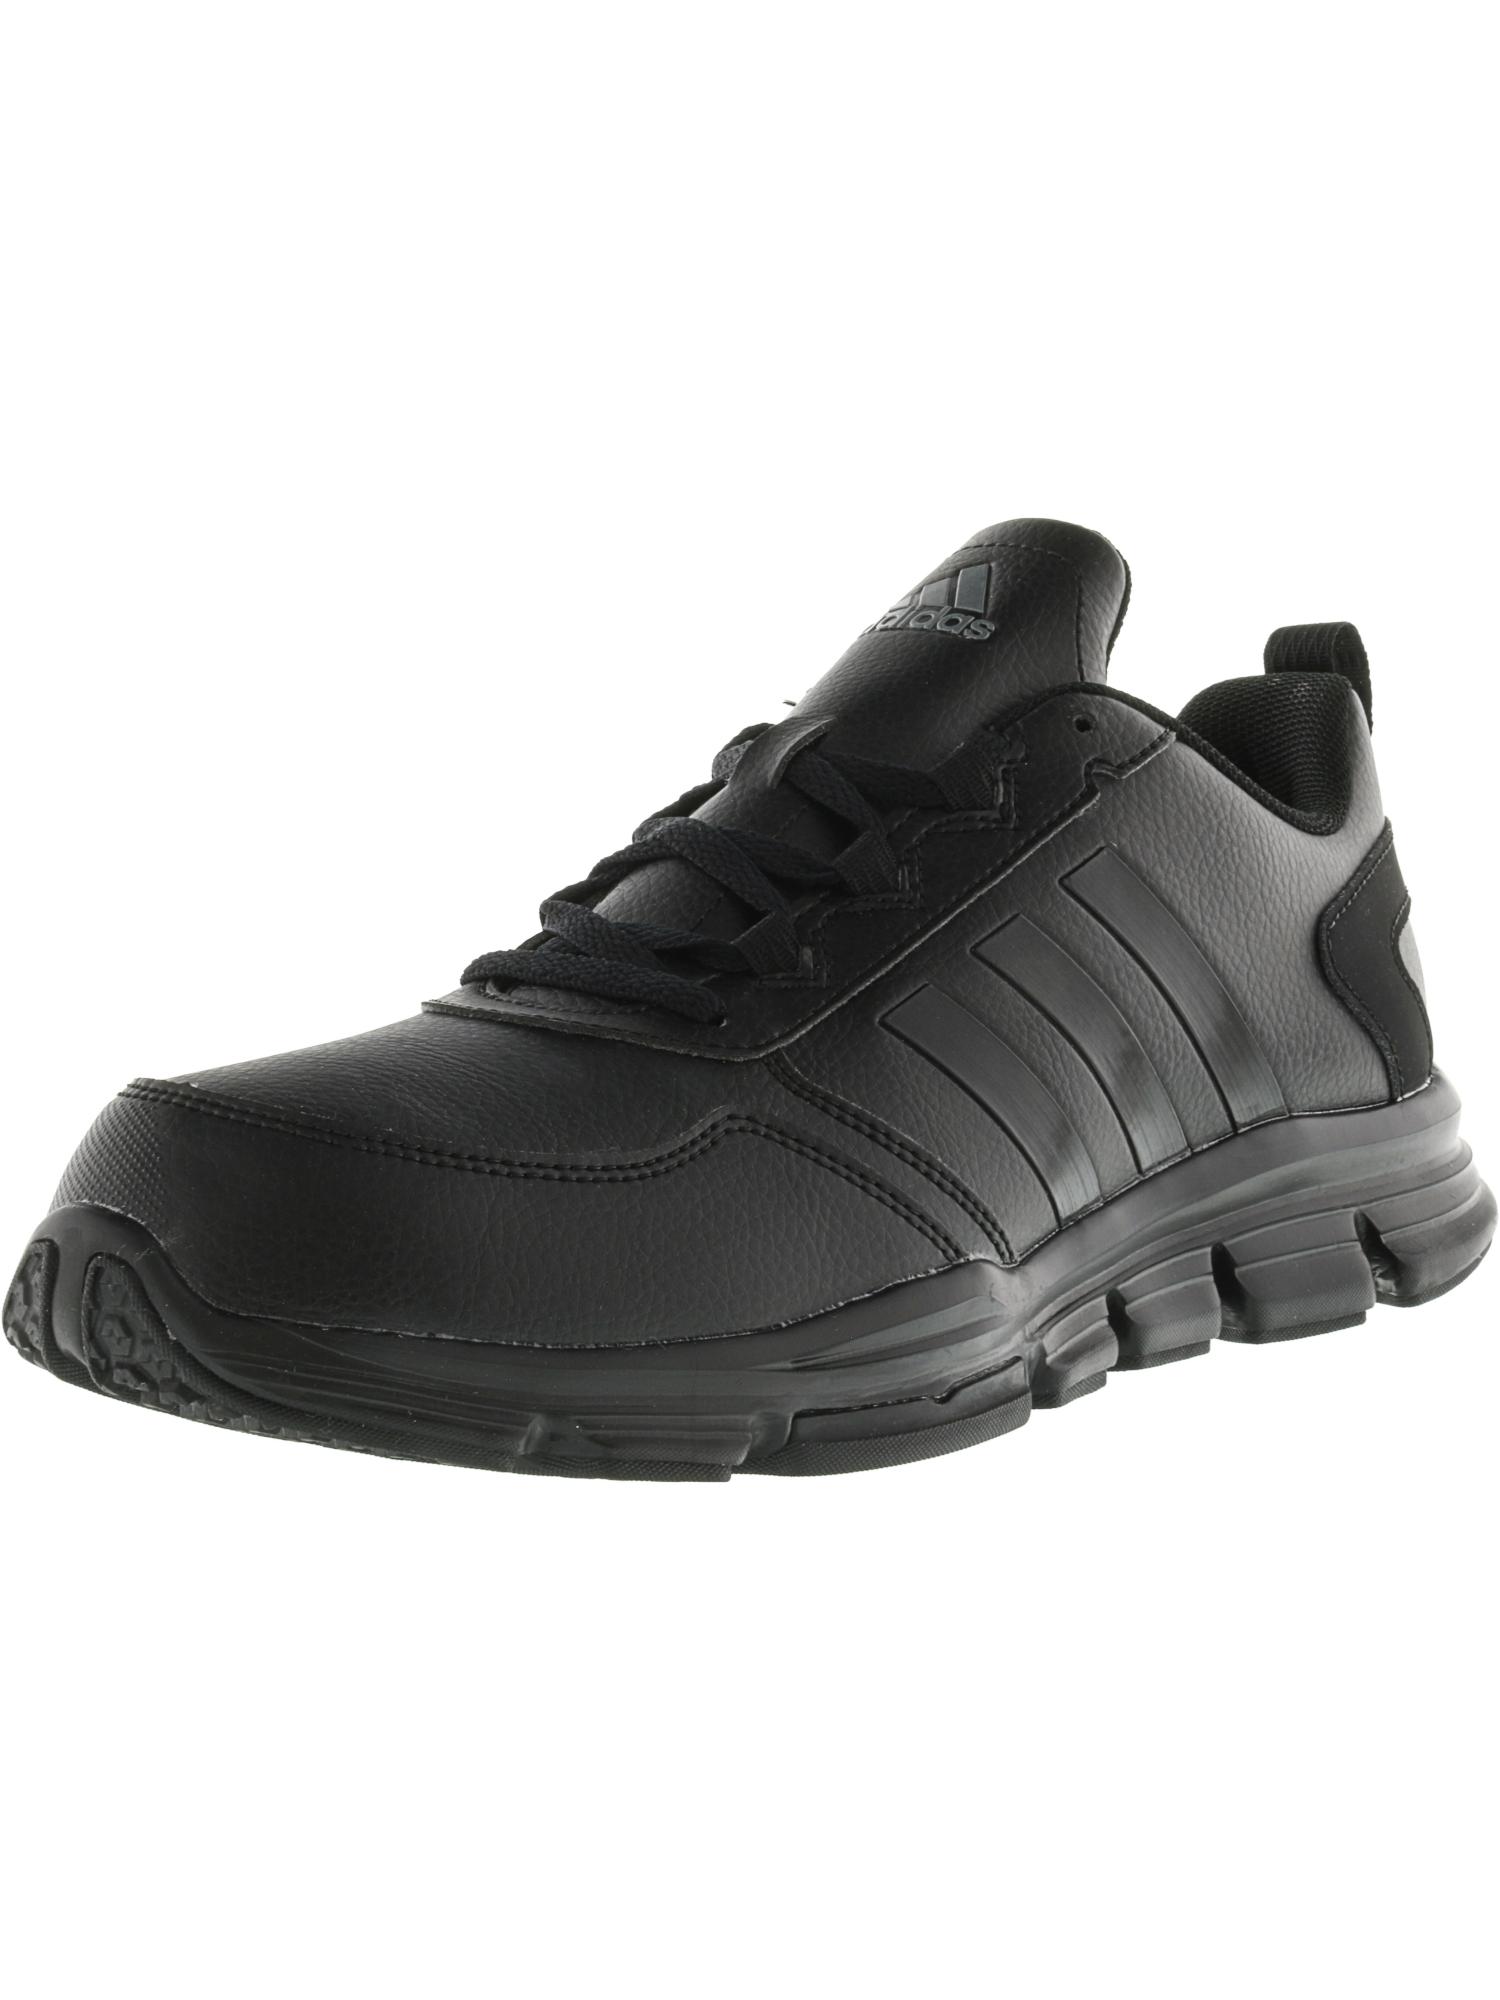 adidas uomini trainer 2 fabbrica alta alta fabbrica velocit caviglia formazione scarpe fd9d01